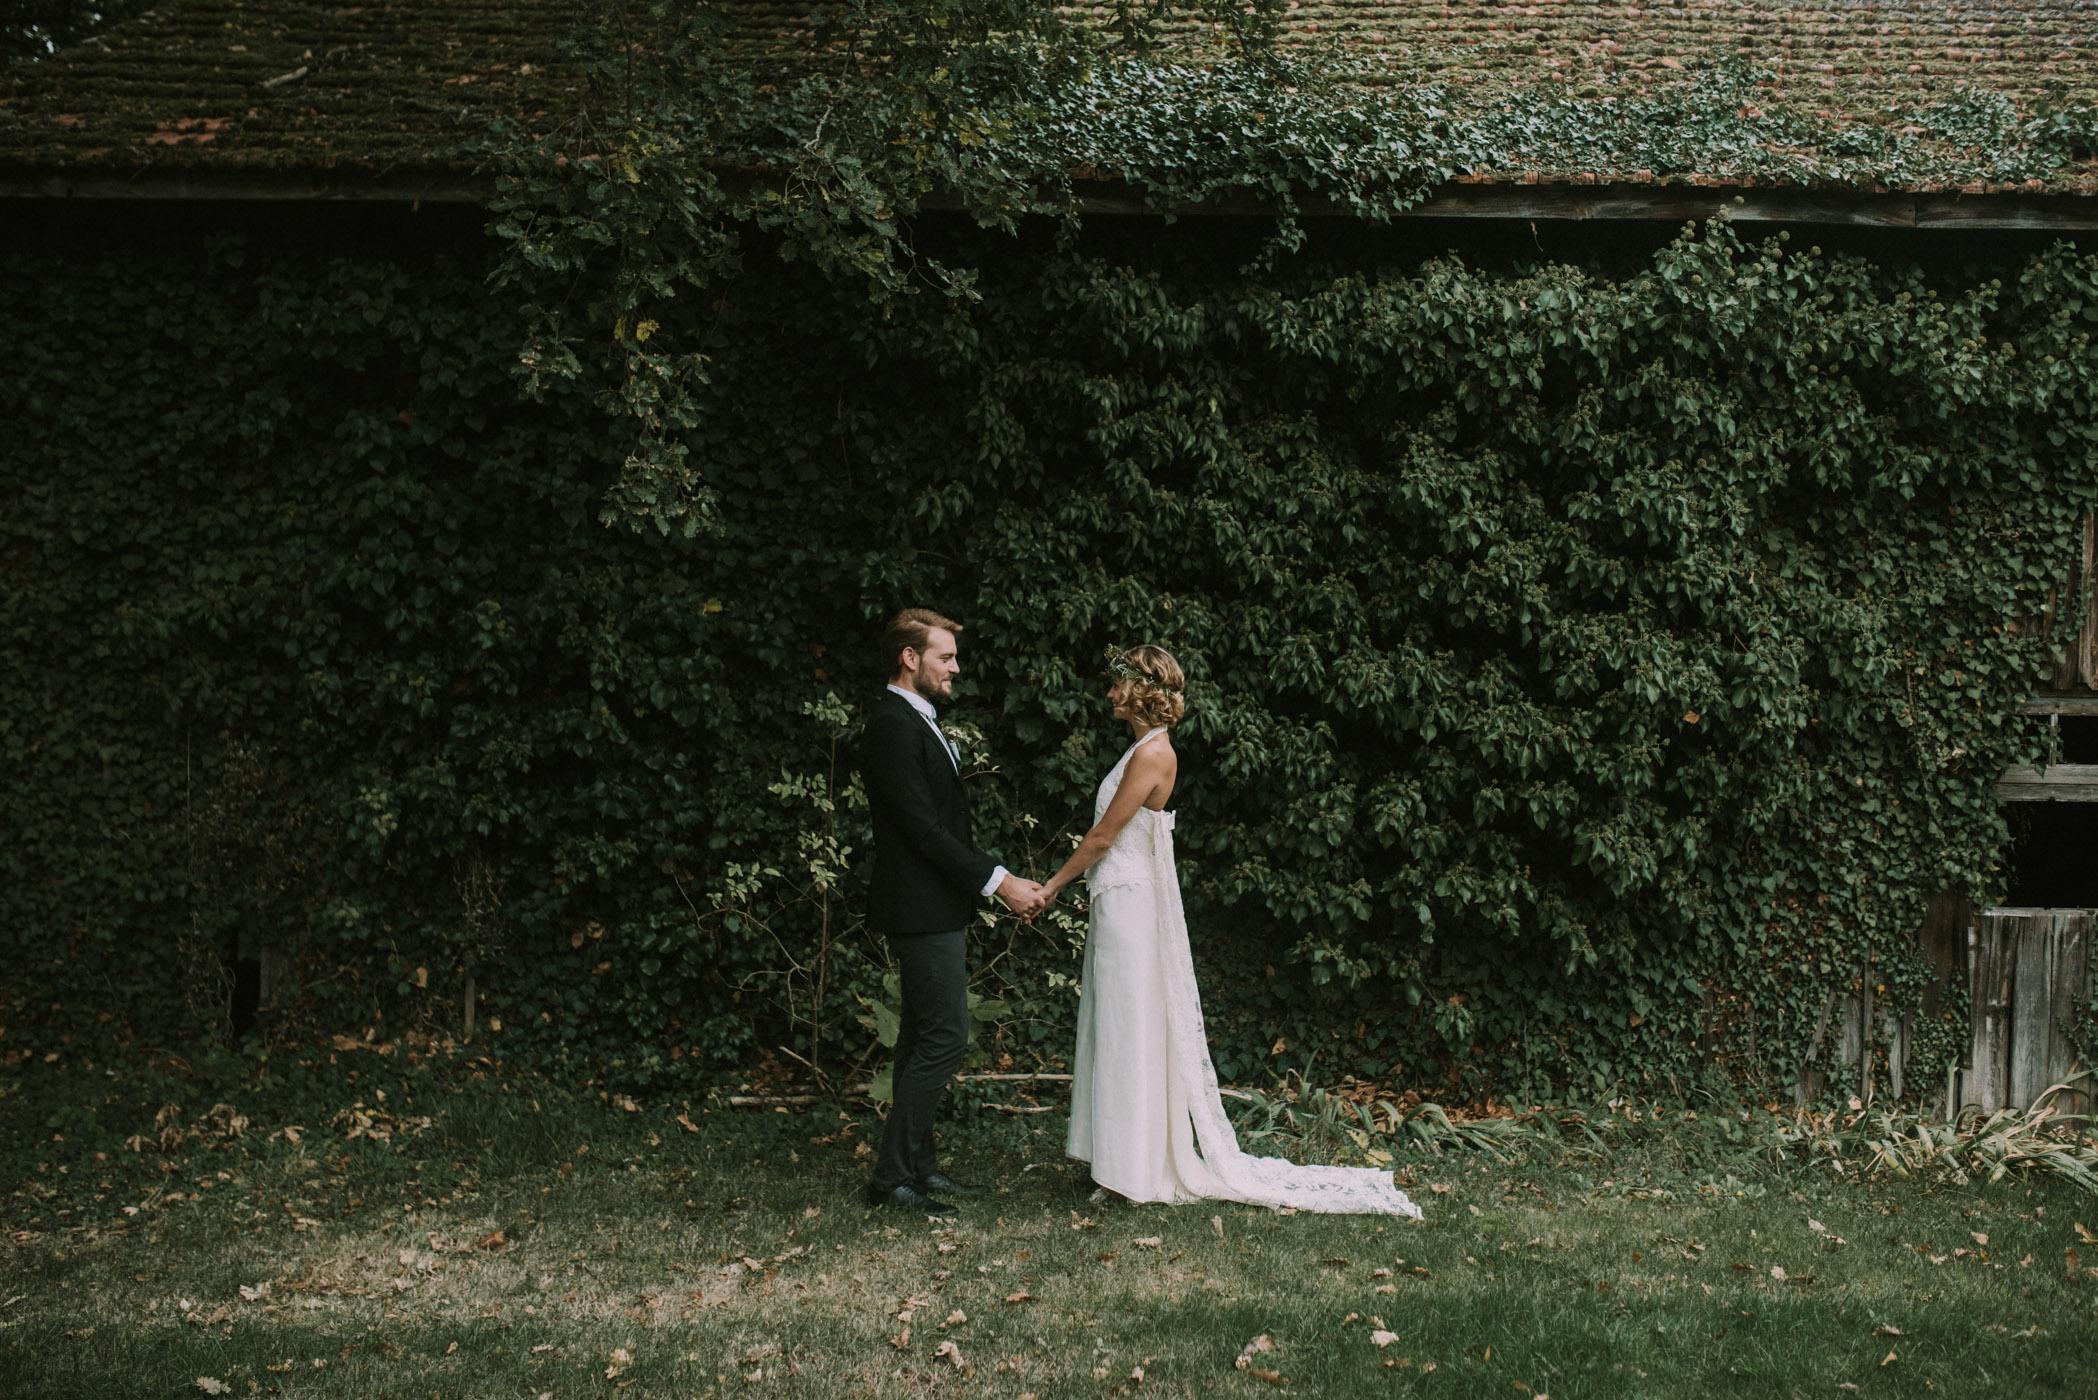 sun-drops-down-shooting-dinspiration-automnal-sous-les-bois-en-dordogne-blog-mariage-la-mariee-sous-les-etoiles-photo-mira-al-pajarito-51